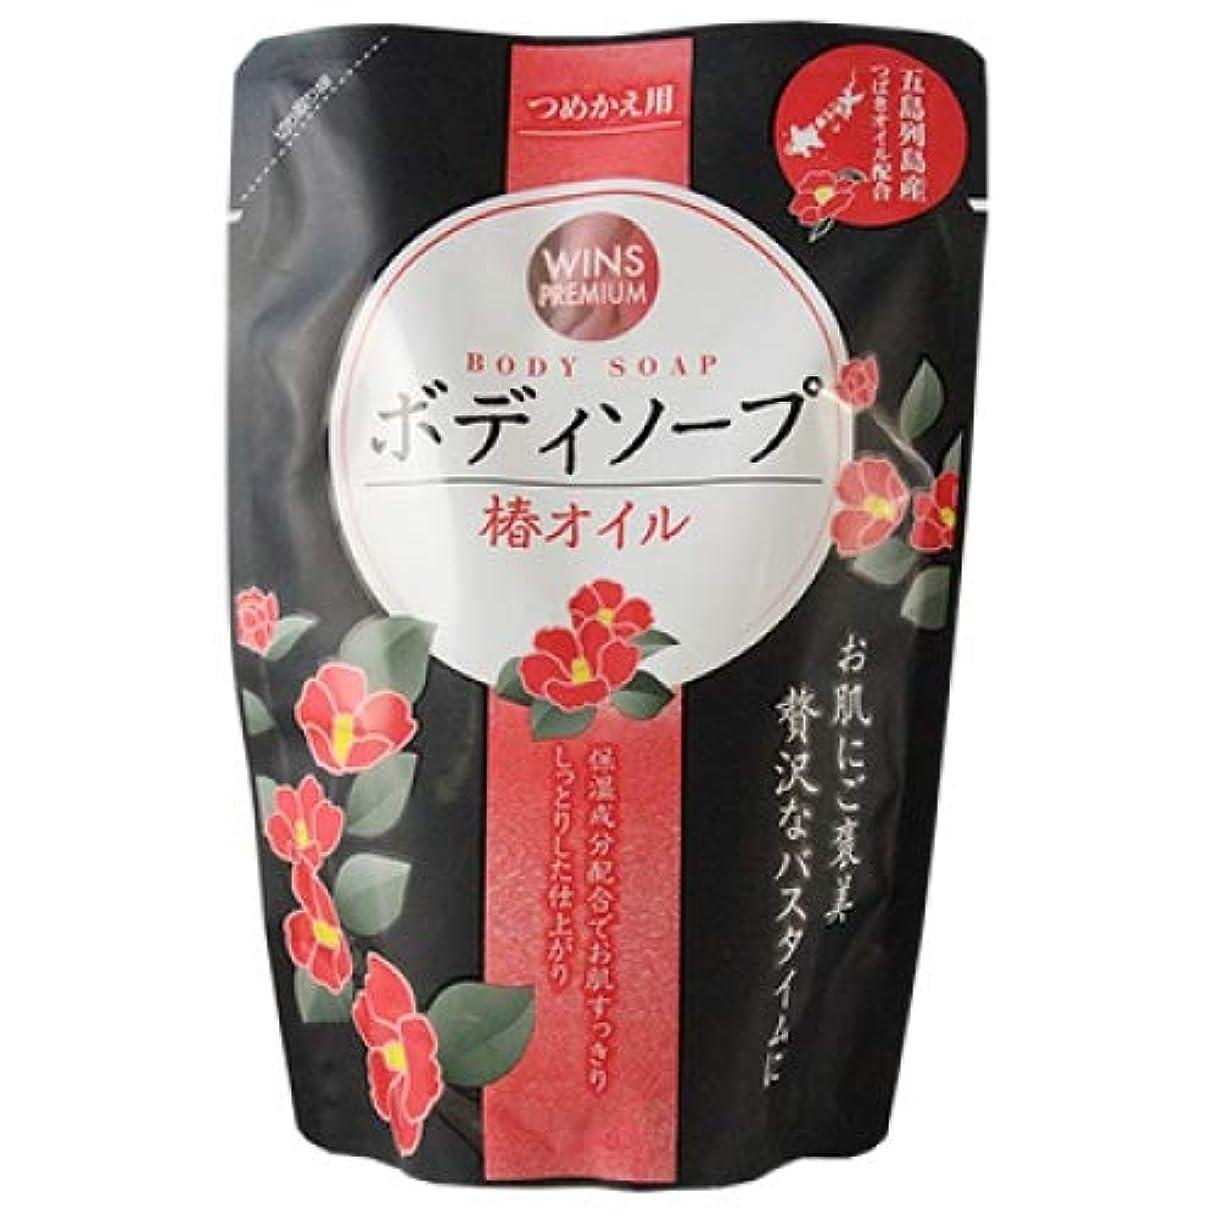 ホップ手数料債権者日本合成洗剤 ウインズ 椿オイル ボディソープ つめかえ用 400mL 4904112827240